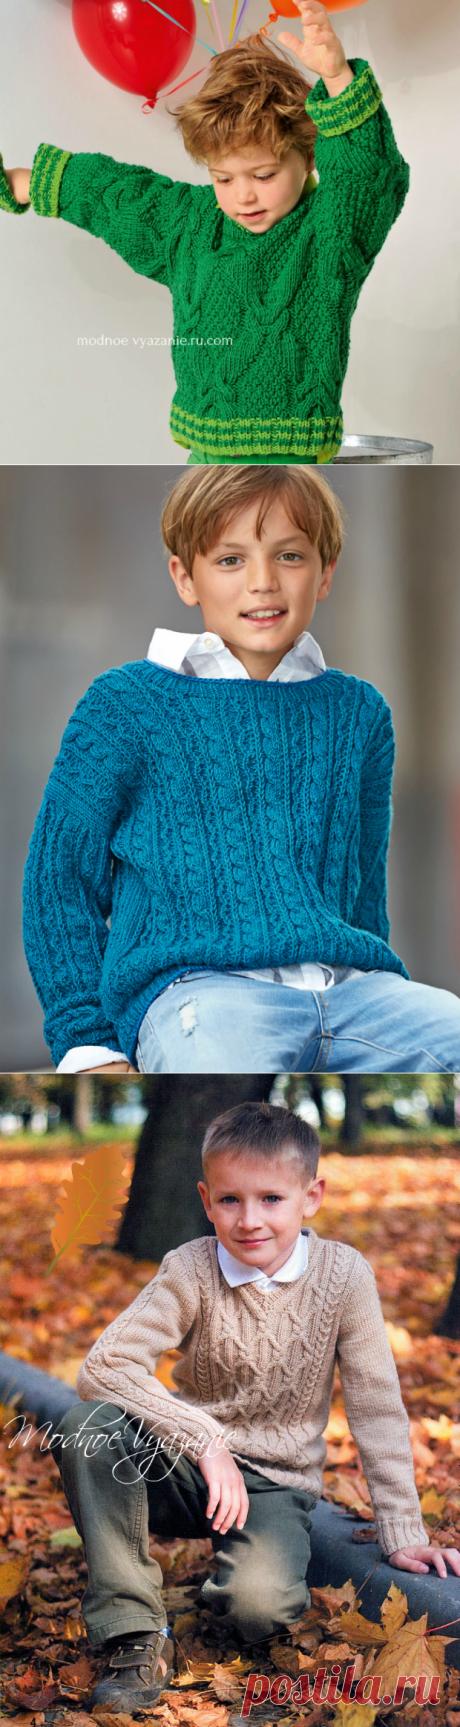 Пуловеры для мальчиков с аранами и косами   - Modnoe Vyazanie ru.com